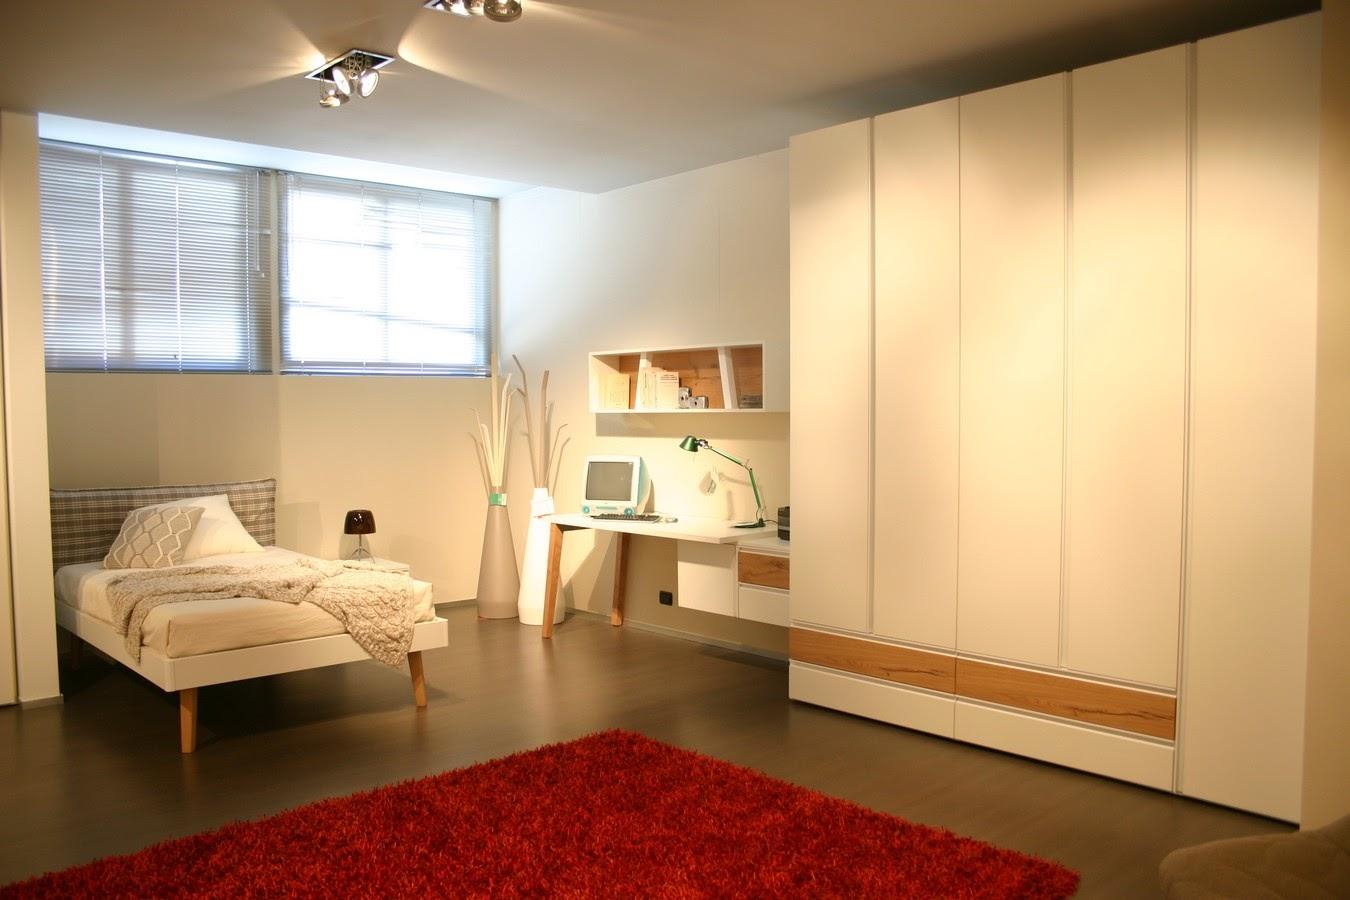 camerette, letti a castello e scrivanie, camere per bambini e ... - Mobili Design Per Bambini Milano